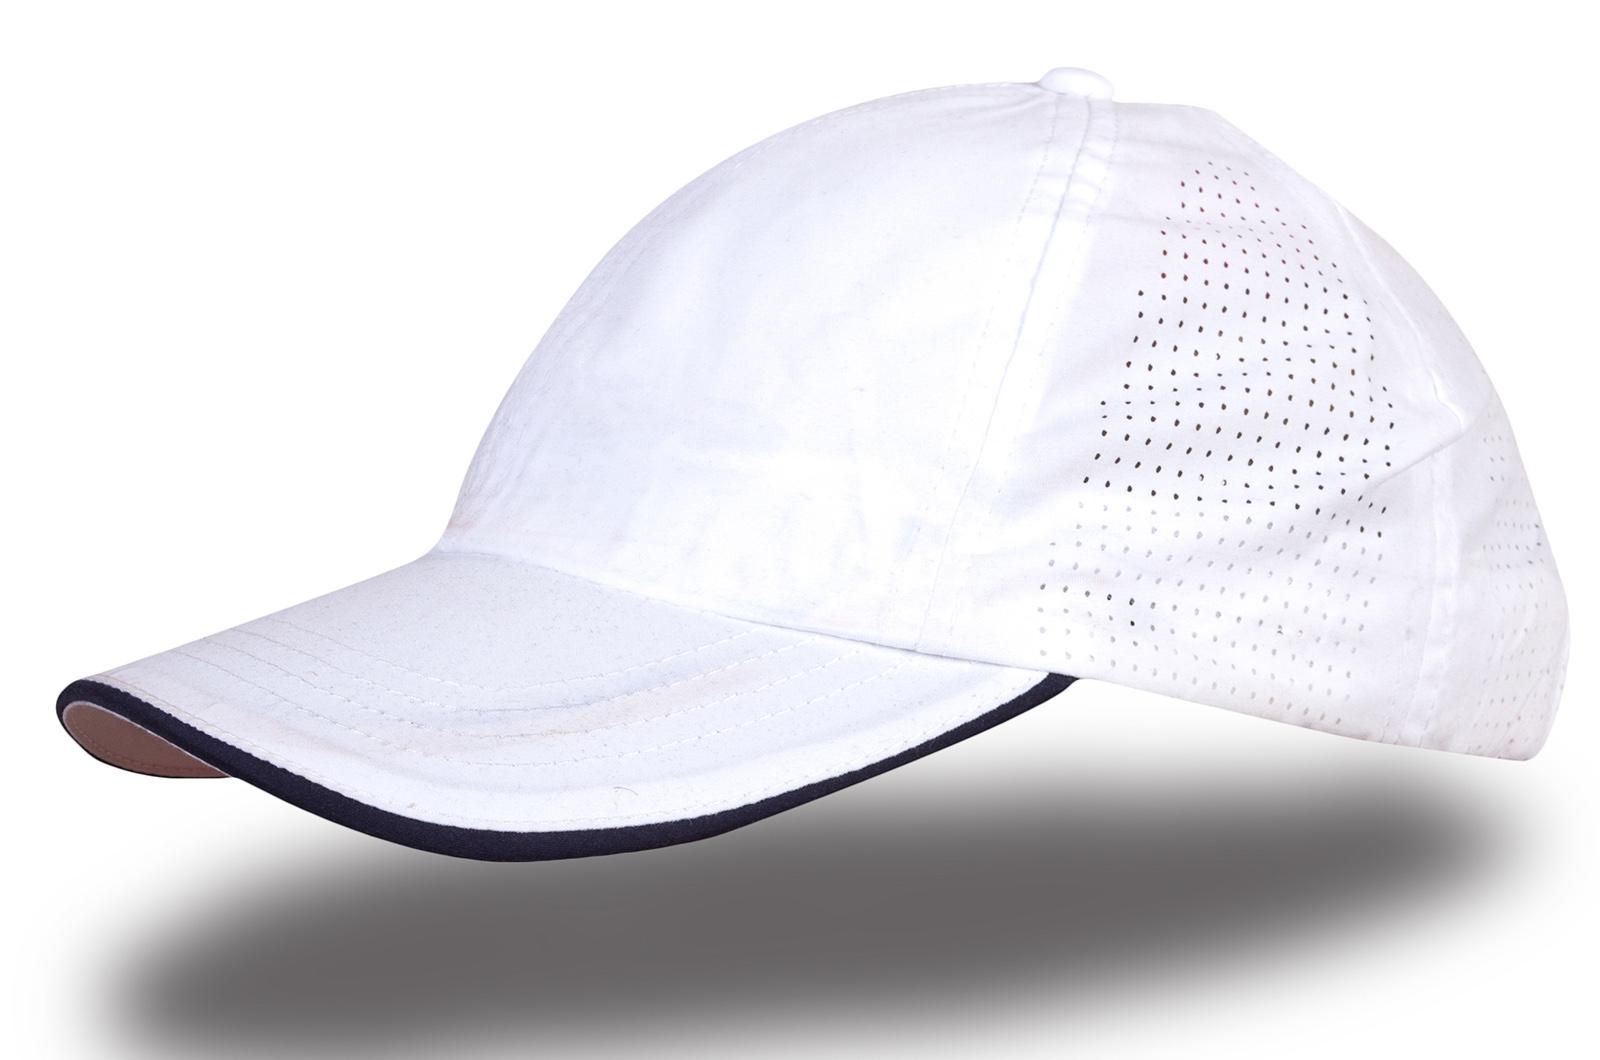 Кепка белая с перфорацией - купить в интернет-магазине с доставкой